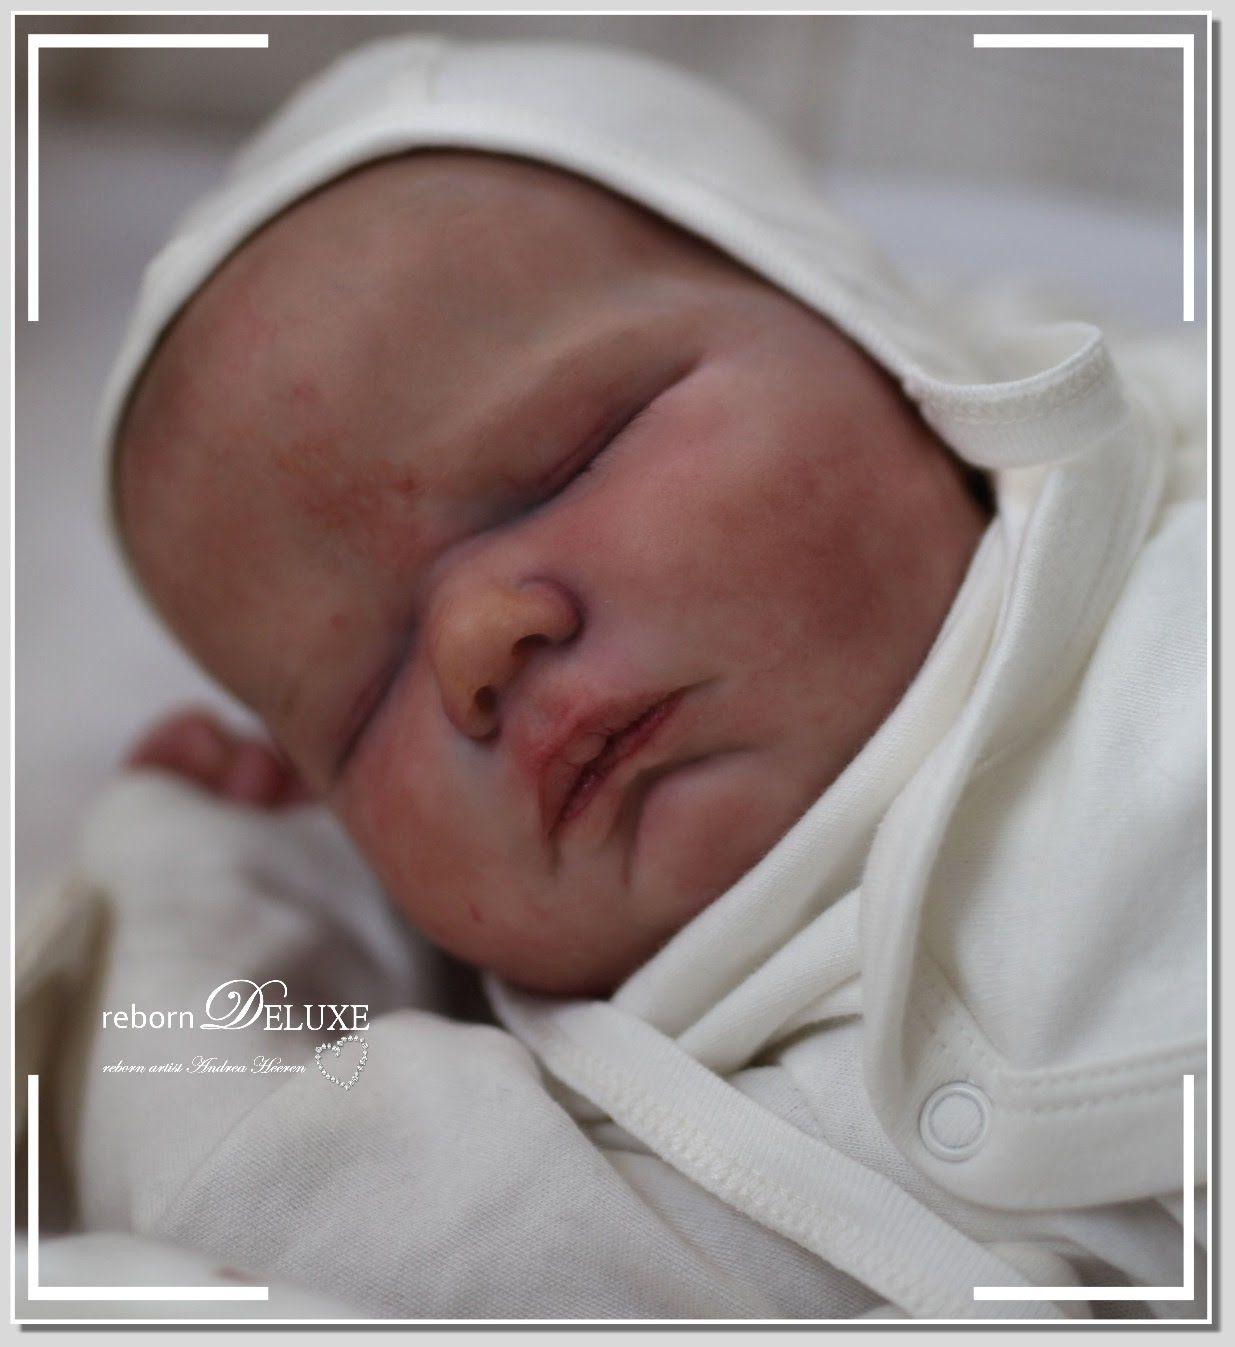 Landon reborned by Andrea Heeren rebornDELUXE realborn kit www.reborn-deluxe.com  #rebornbaby #artist  #rebornbaby #Puppe für #Sammler #reborned von #AndreaHeeren #reborndeluxe  #Babys #Neugeborene #newbornphotography #art #artwork #Puppe wie echtes #Baby #lifelike  #lebensecht #kunst #künstler #newborn #babygirl  #babydoll #babyshower #newbornphotography #newborn #artist